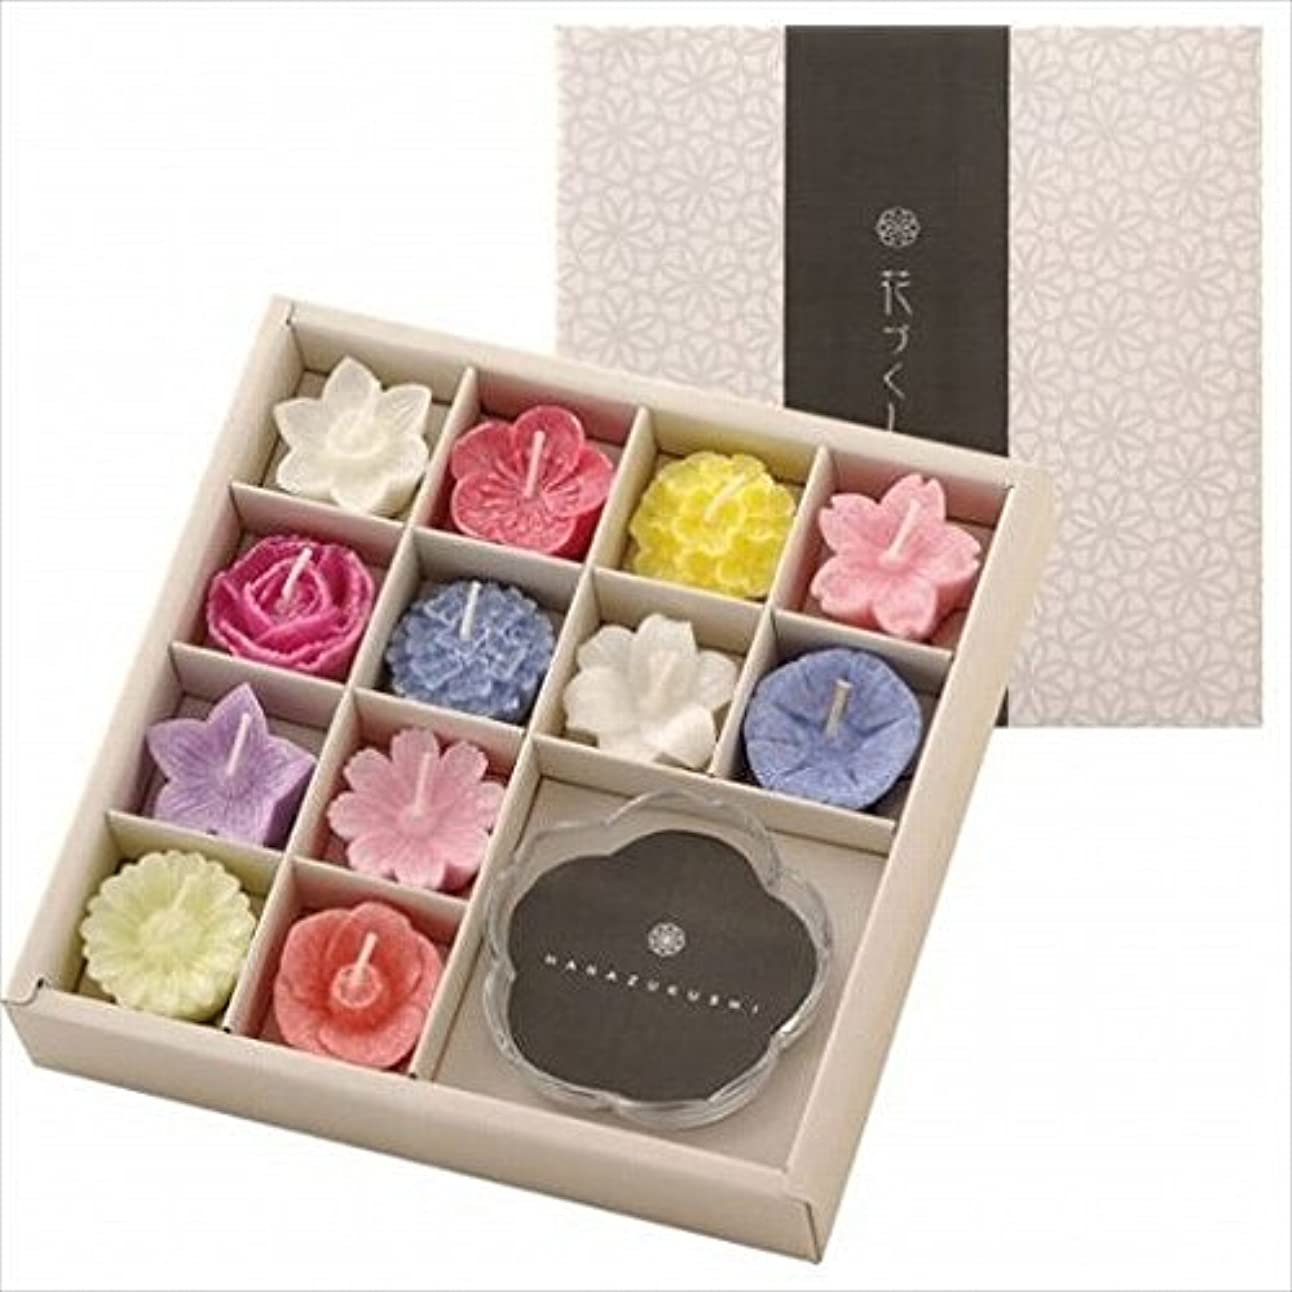 戦いフロント極端なkameyama candle(カメヤマキャンドル) 花づくしギフトセット(植物性) キャンドル(96200700)